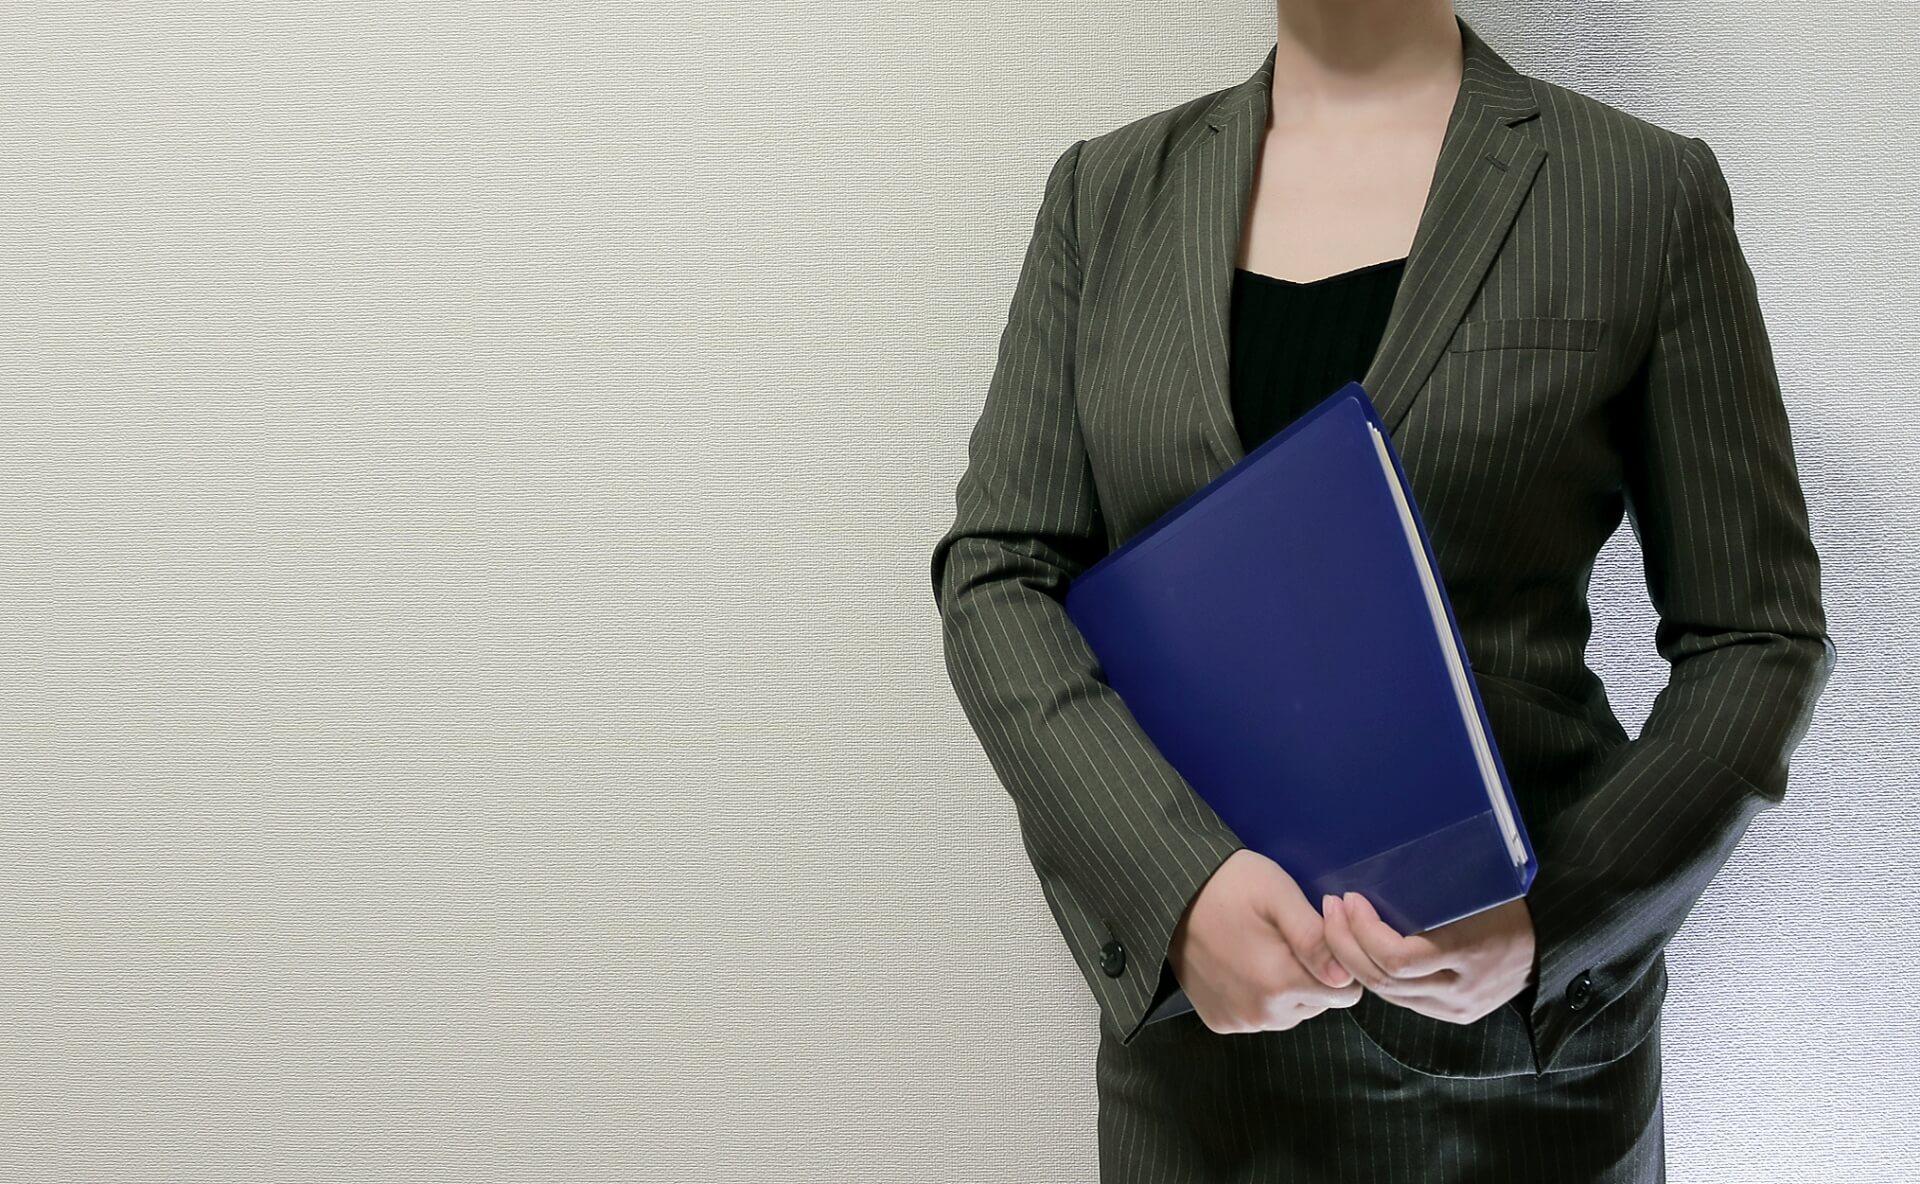 キャリアデベロップメントとは?改めて知りたい意味や導入法の解説